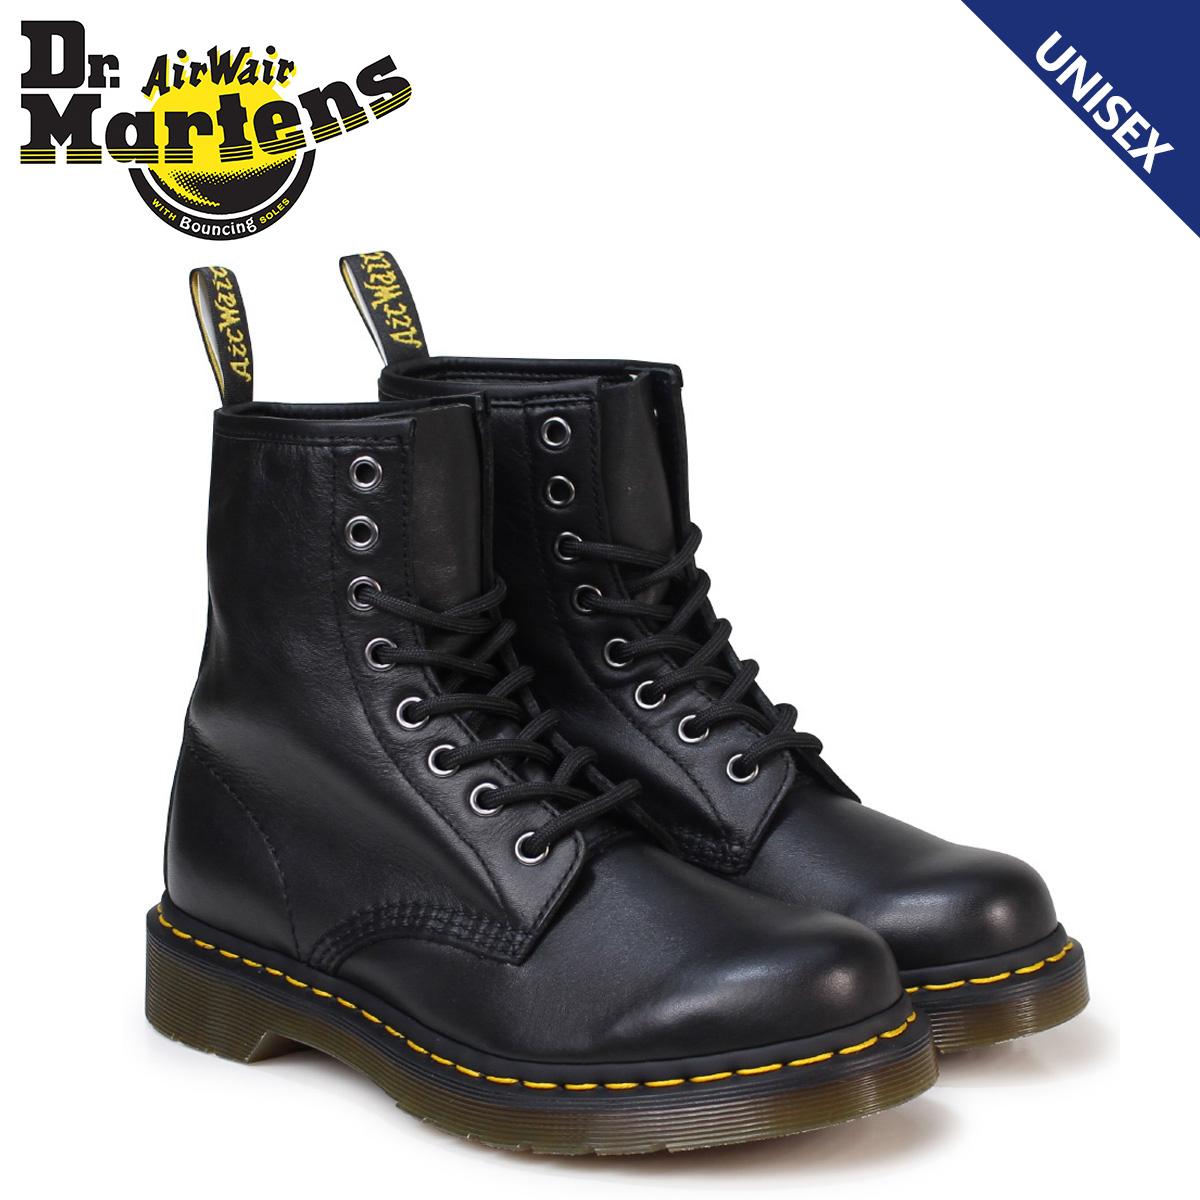 Dr.Martens ドクターマーチン 1460 8ホール ブーツ レディース WOMENS 8EYE BOOT R11821002 メンズ